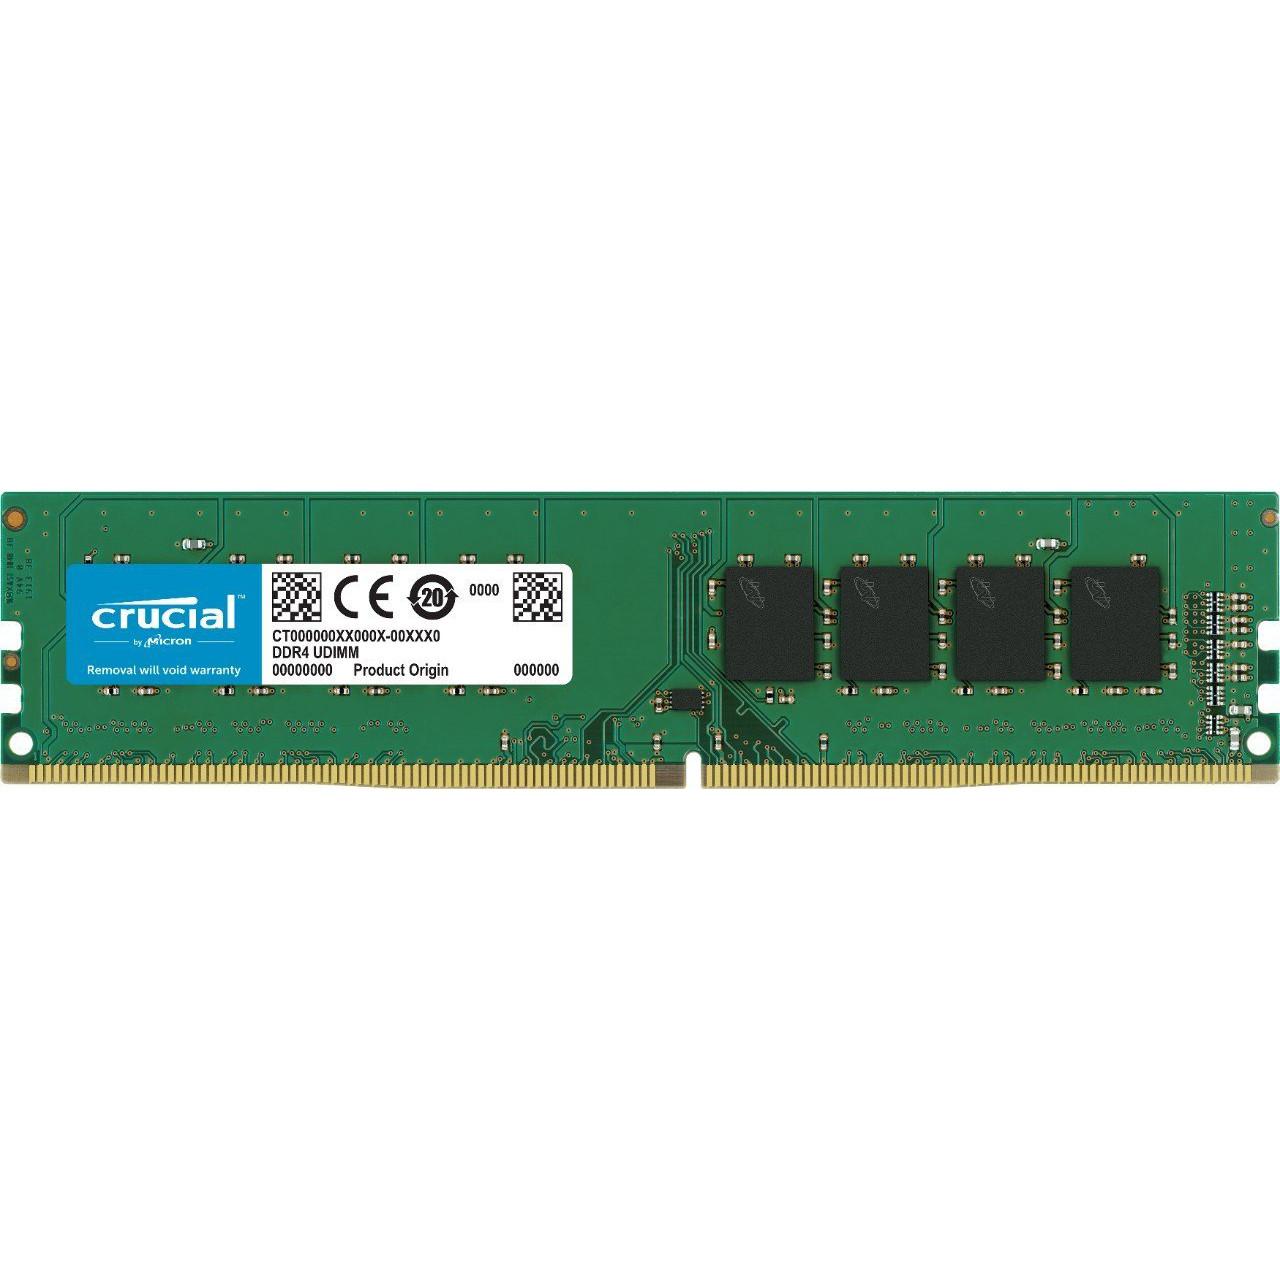 Crucial 4GB DDR4 2400 Ram